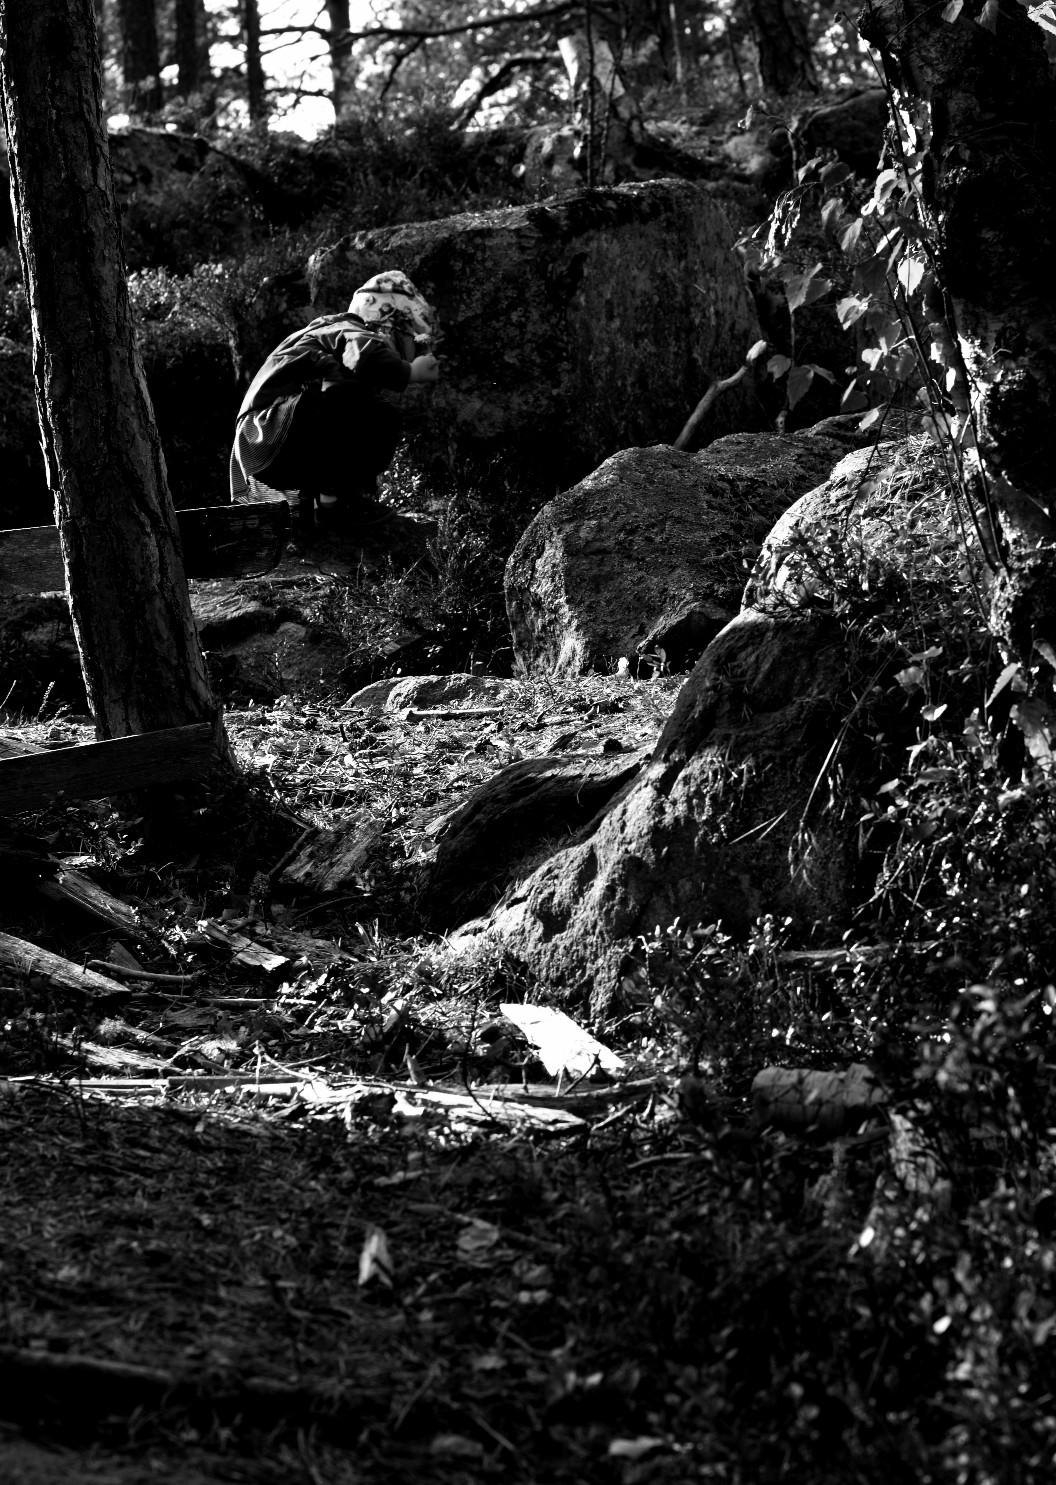 barn på huk i skogen. svartvitt